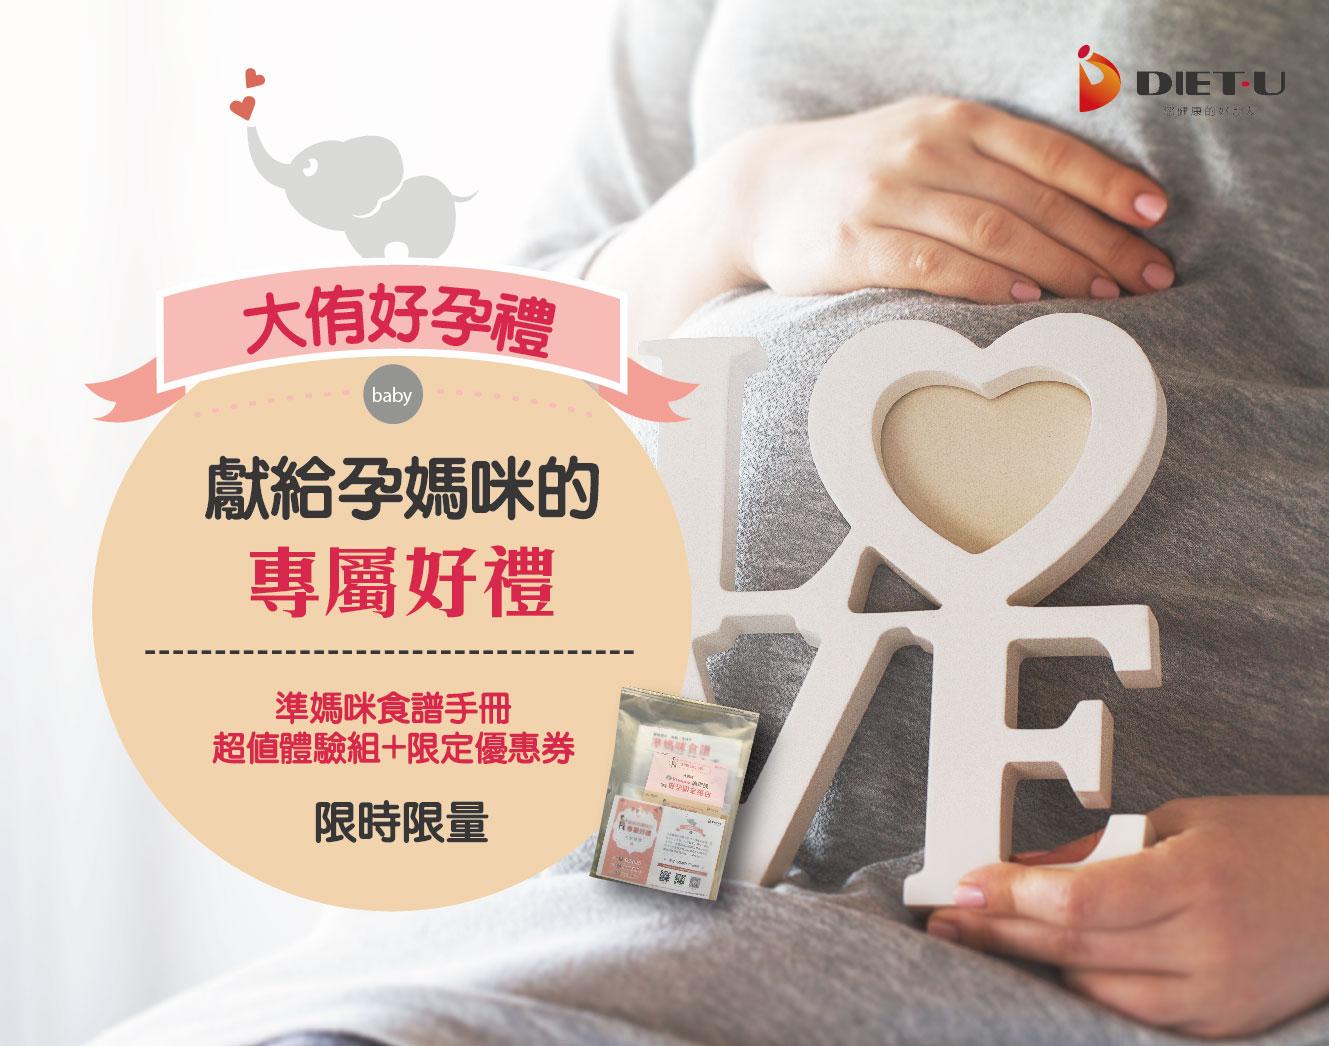 201811大侑好孕禮官網_媽咪禮_媽咪包_懷孕_坐月子_副食品